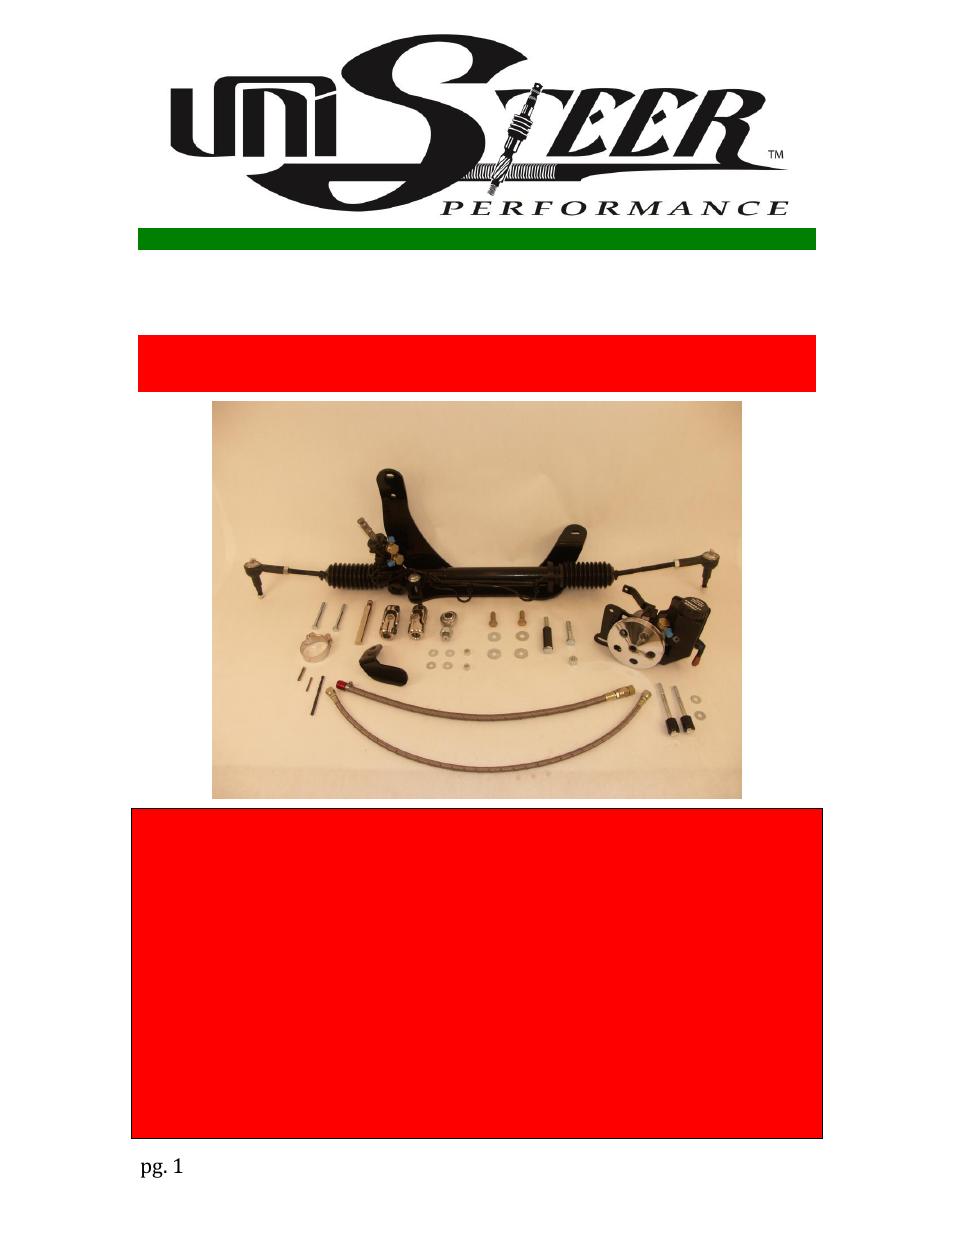 Unisteer 8010660-01 MOPAR E-Body Rack & Pinion Kit User Manual | 7 pages |  Also for: 8010670-01 MOPAR E-Body Rack & Pinion Kit